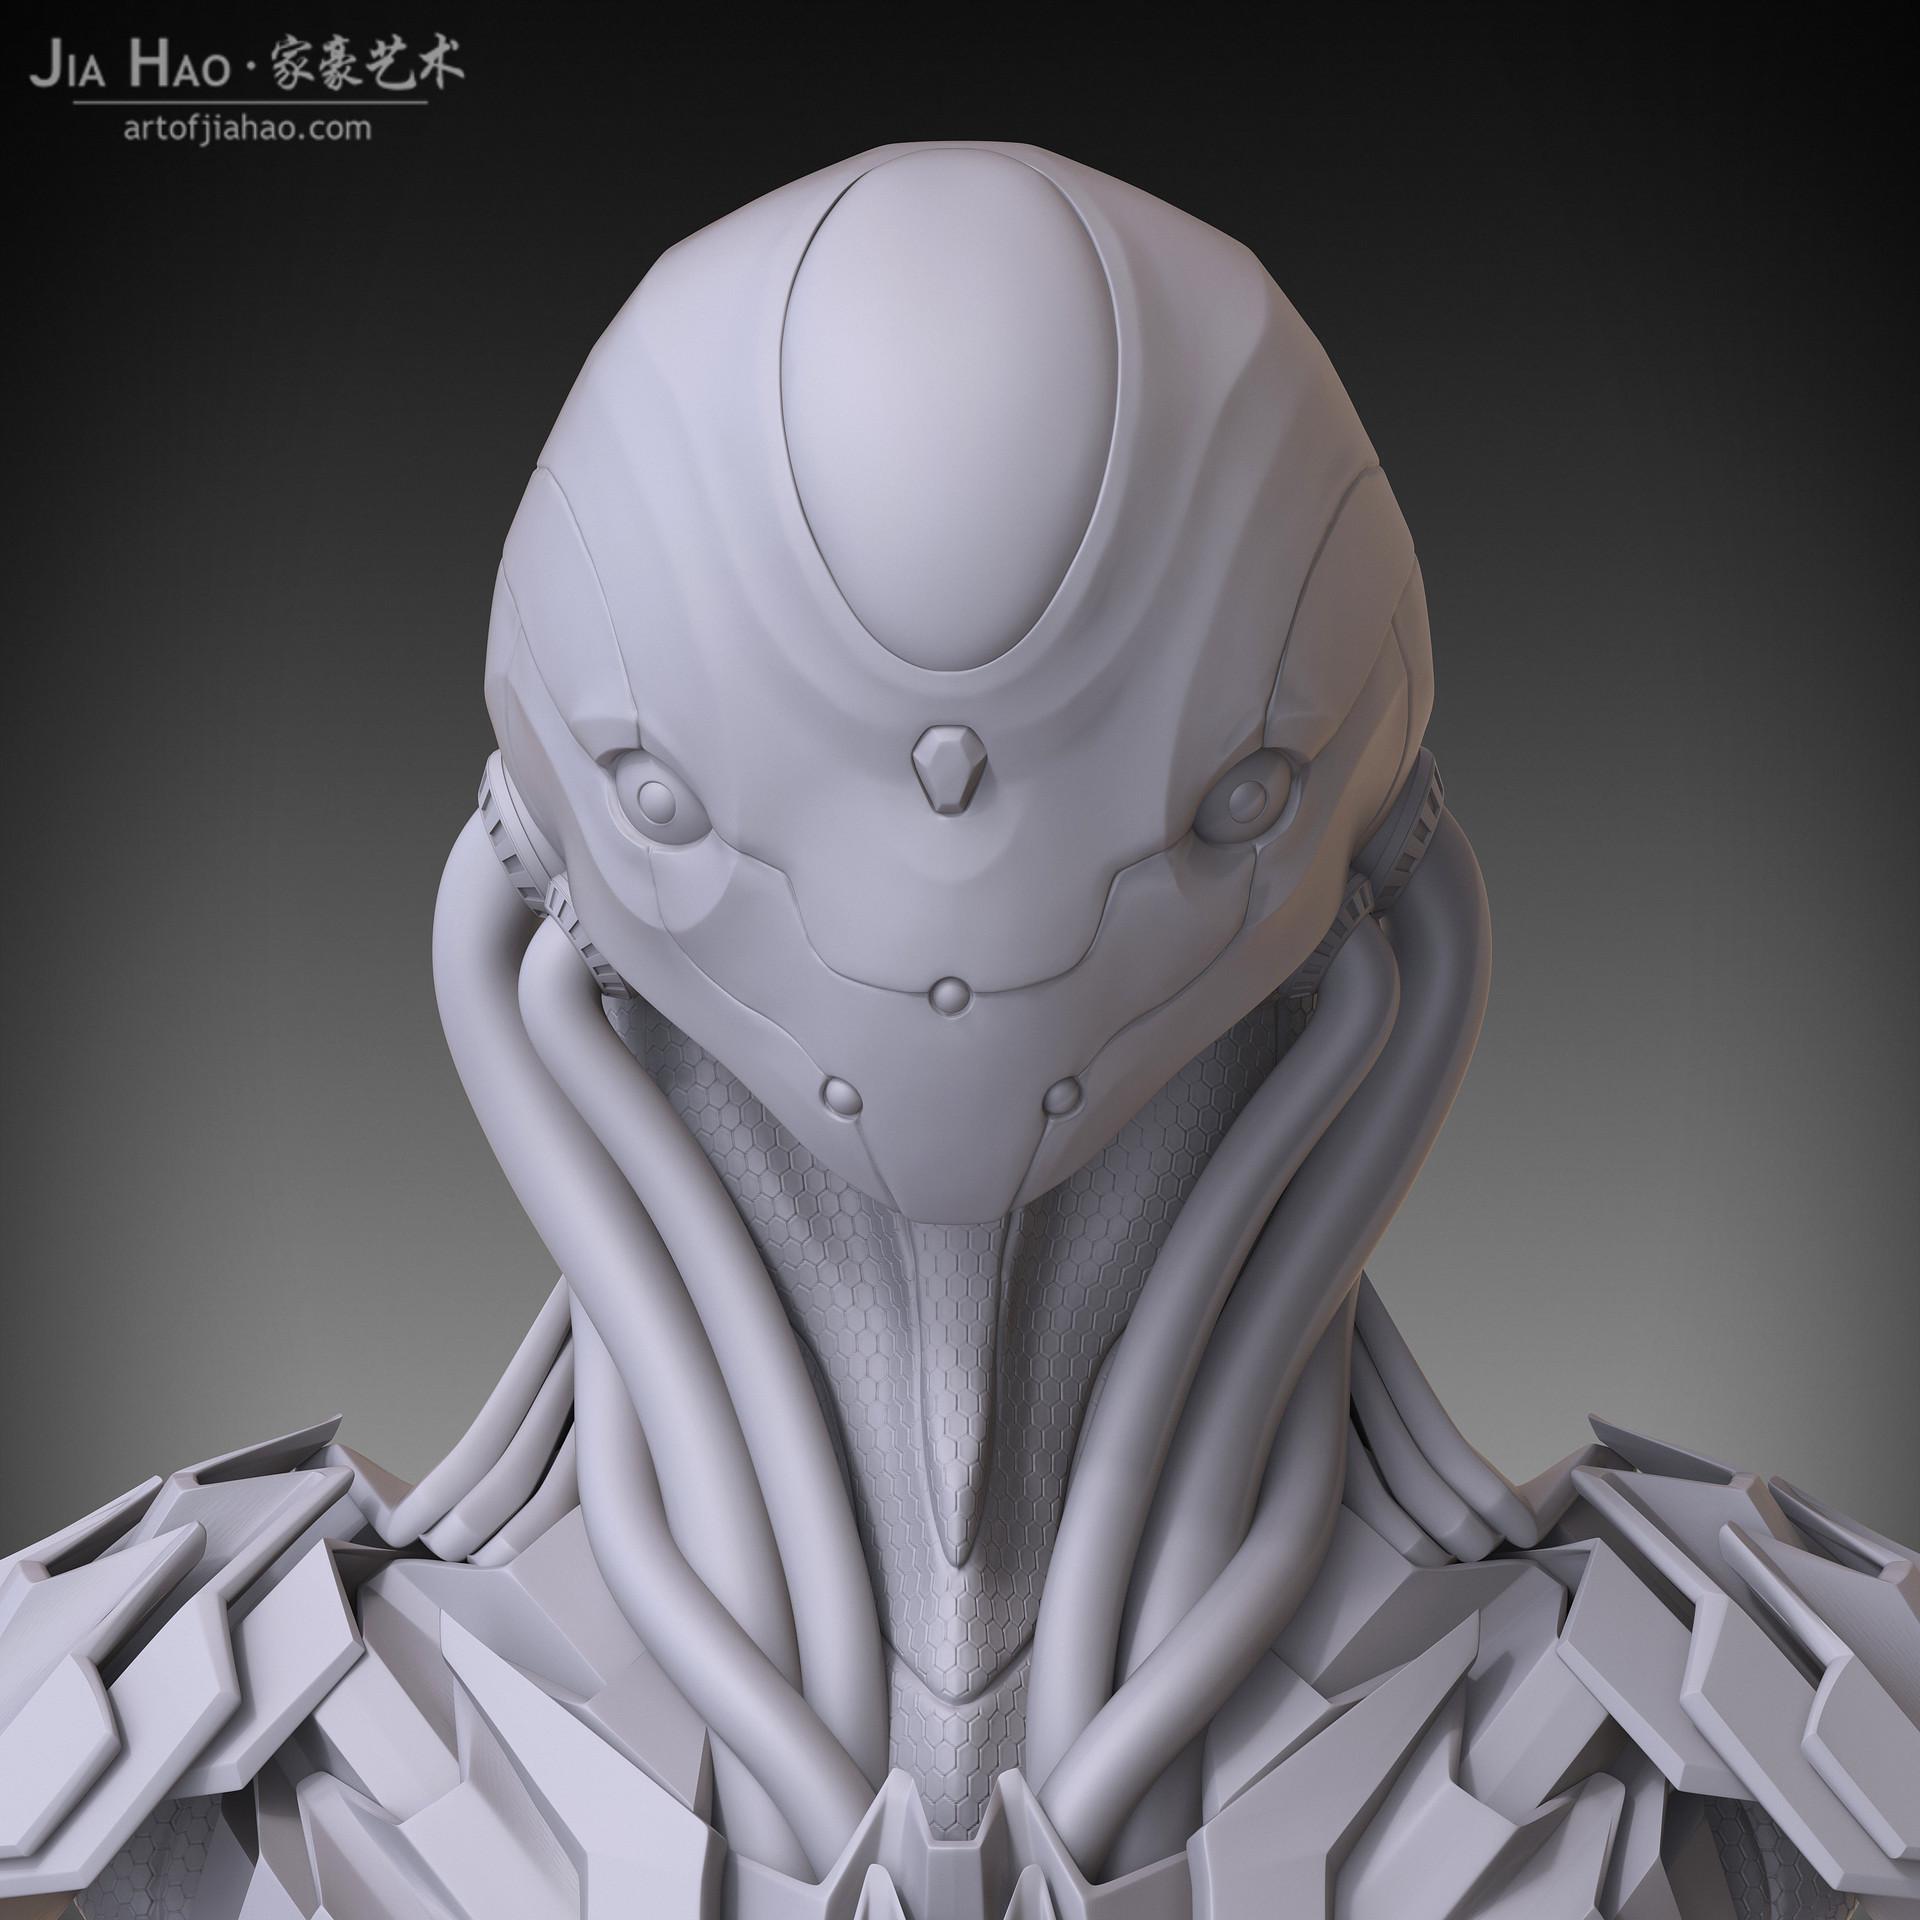 Jia hao elite 01